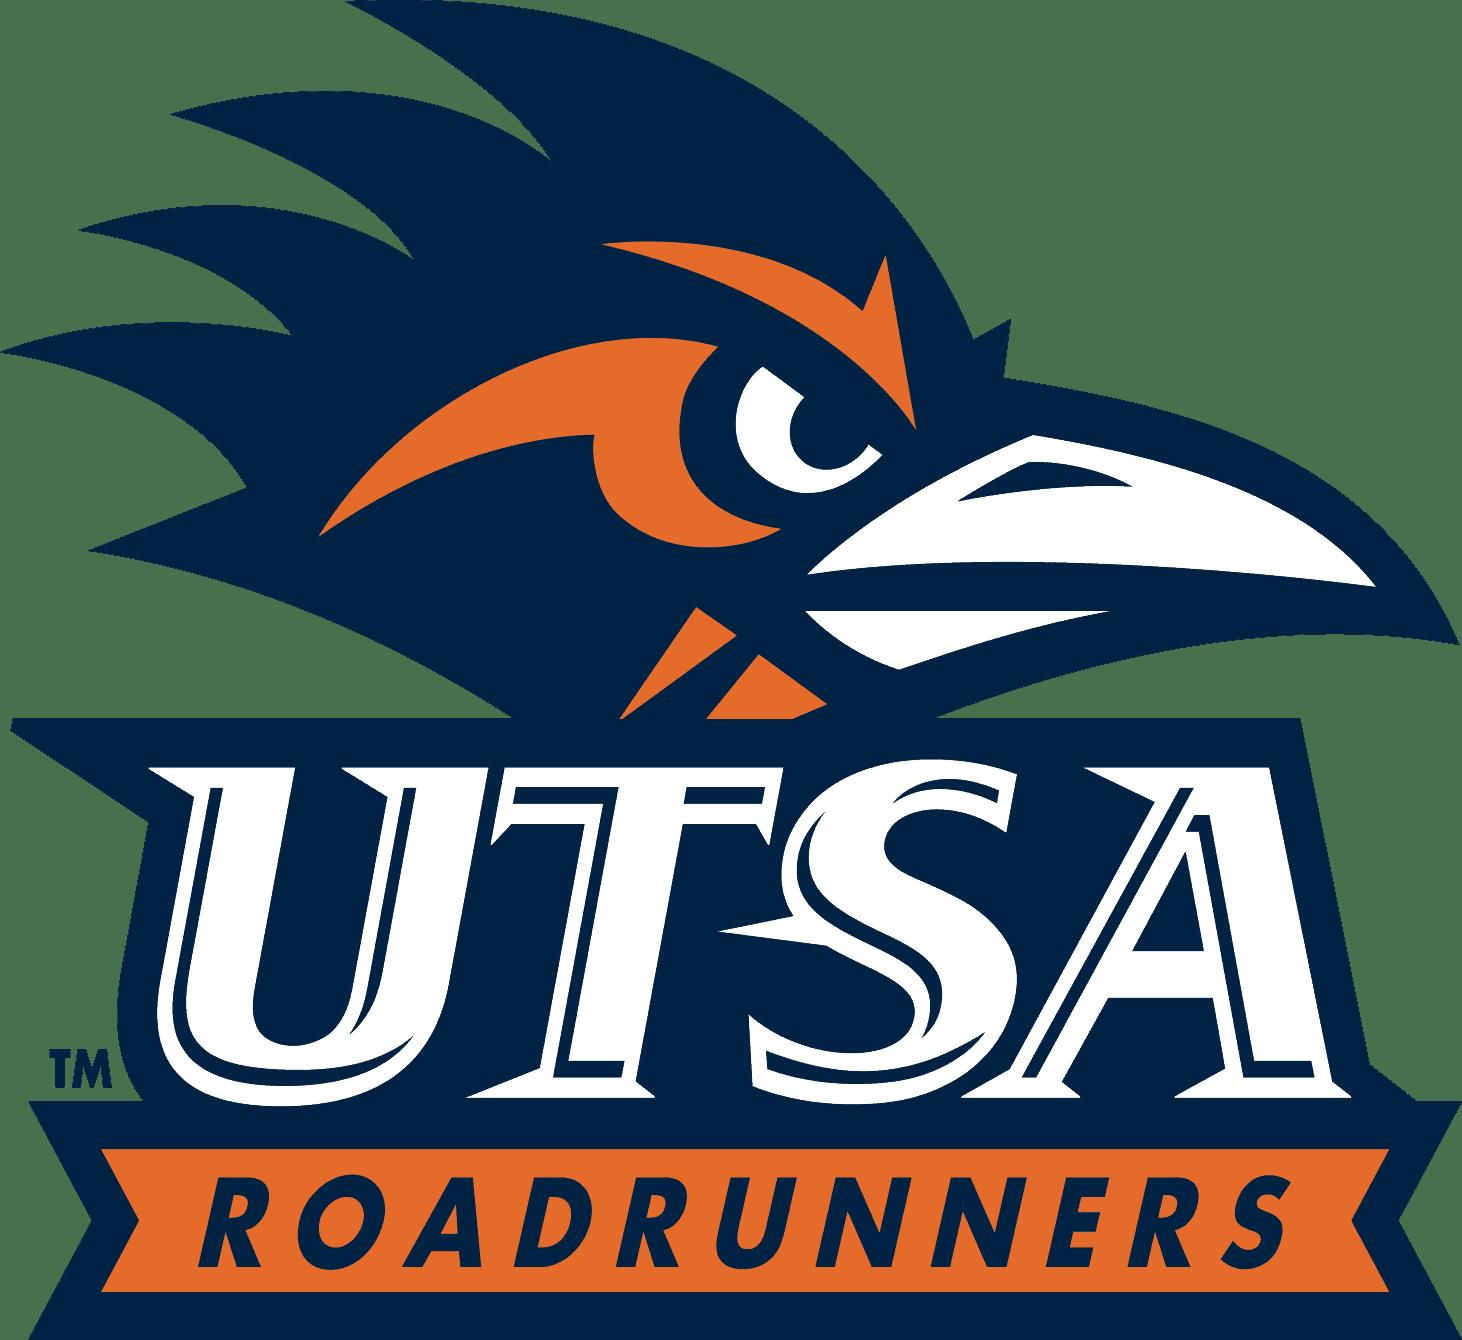 UTSA Roadrunners Logo png